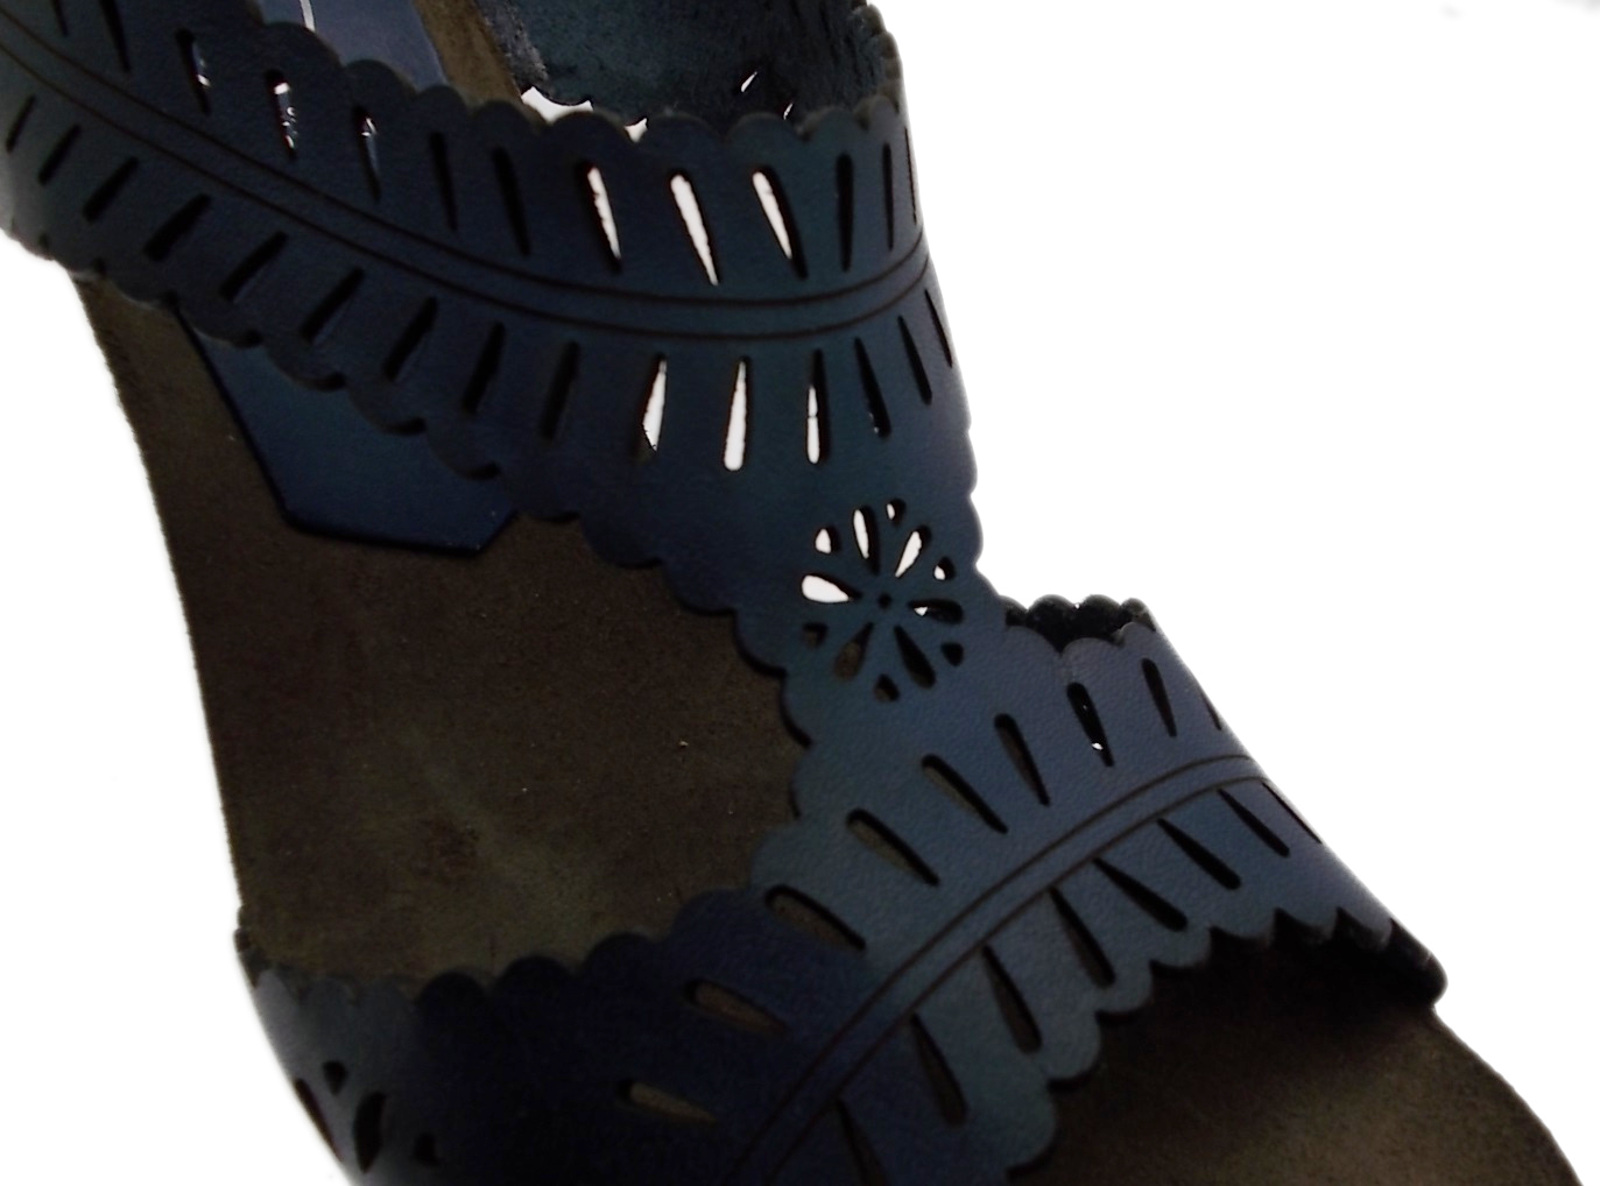 Prise de bleu marine J0830 sandale broderies plateau de bois bois bois Loren 294b60